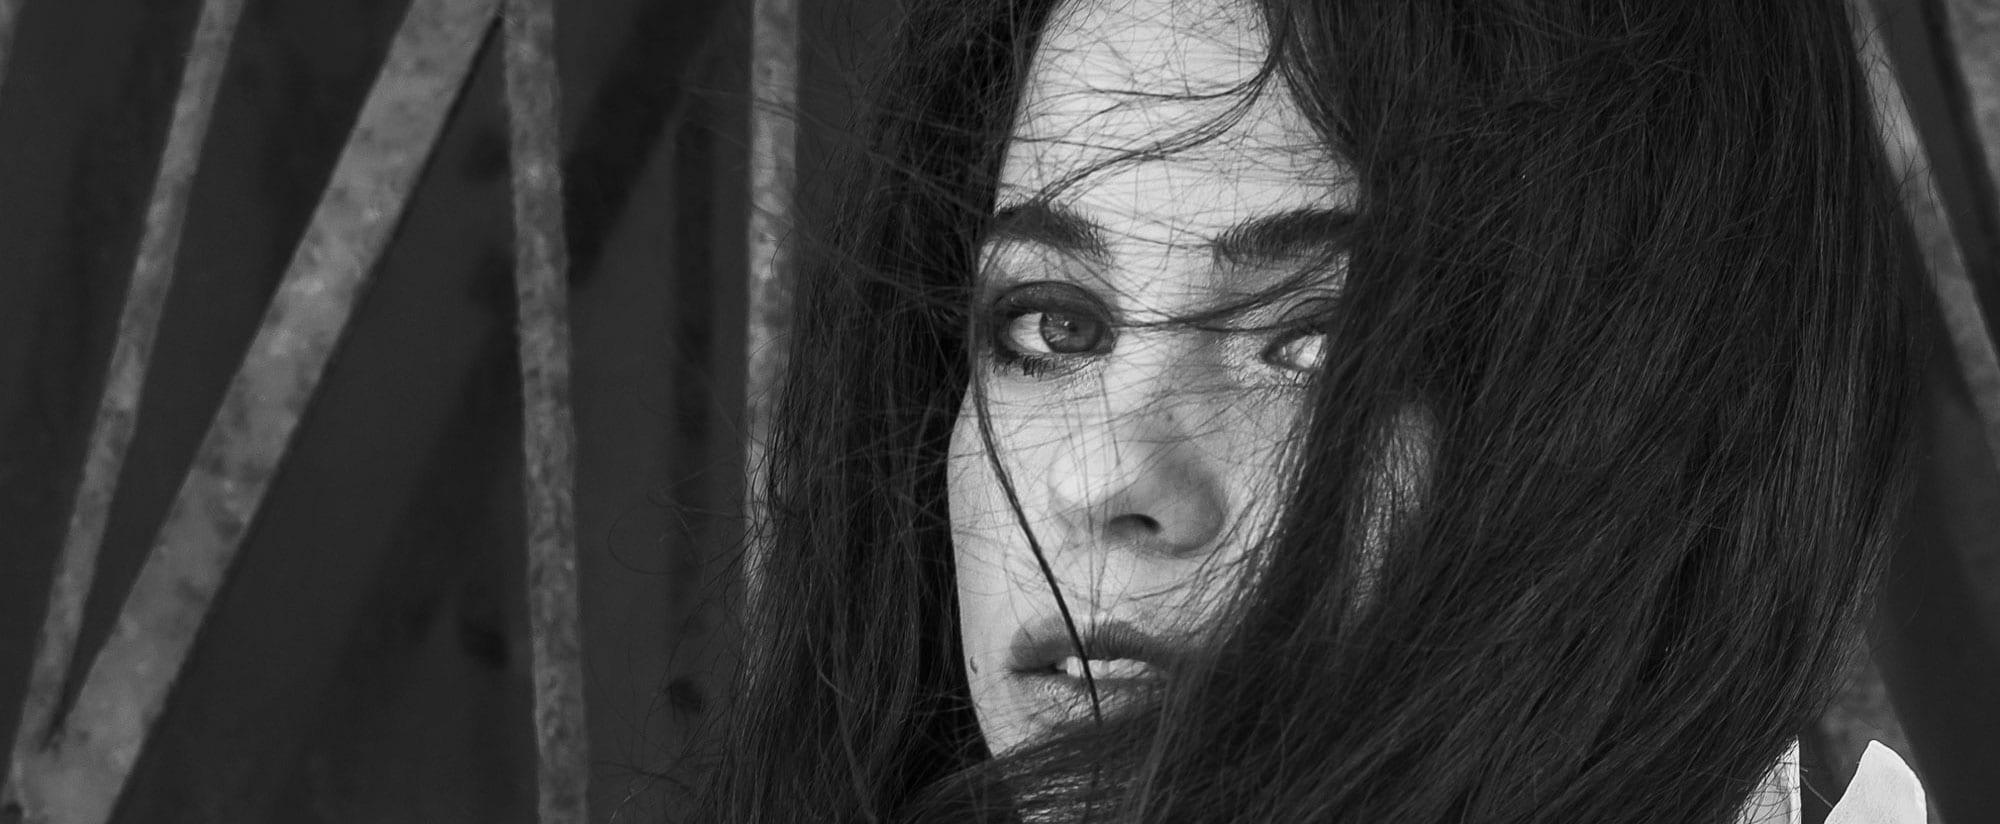 ניב סופר, צילום שרון סטאר, איפור אורנה רימוק, כתבות אופנה, לוני וינטג׳